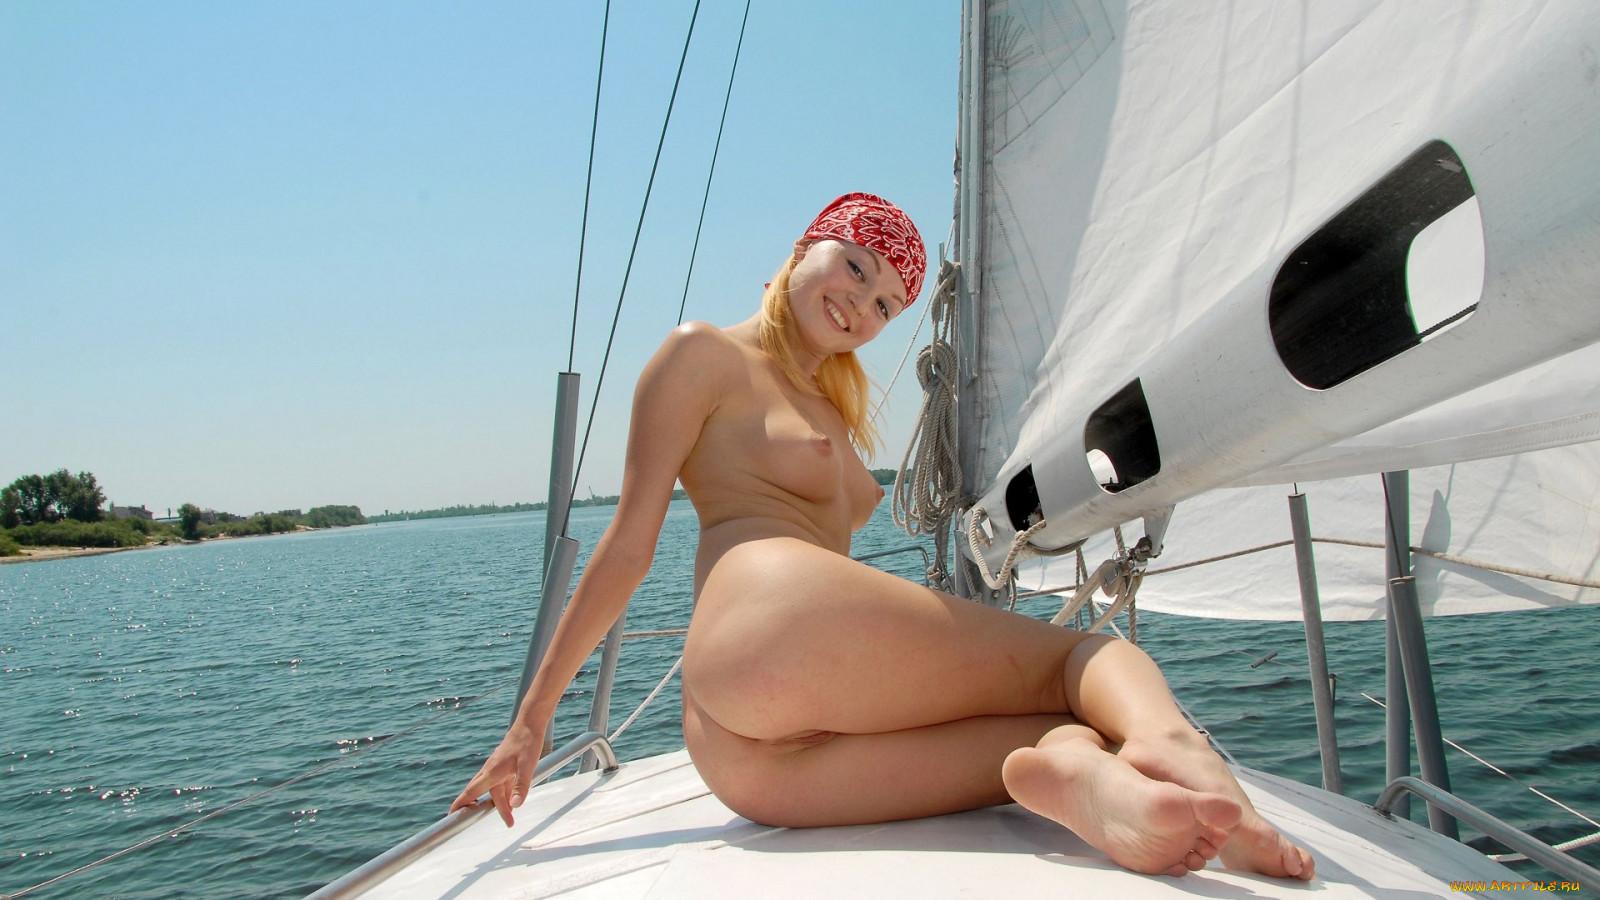 порно на яхте hd